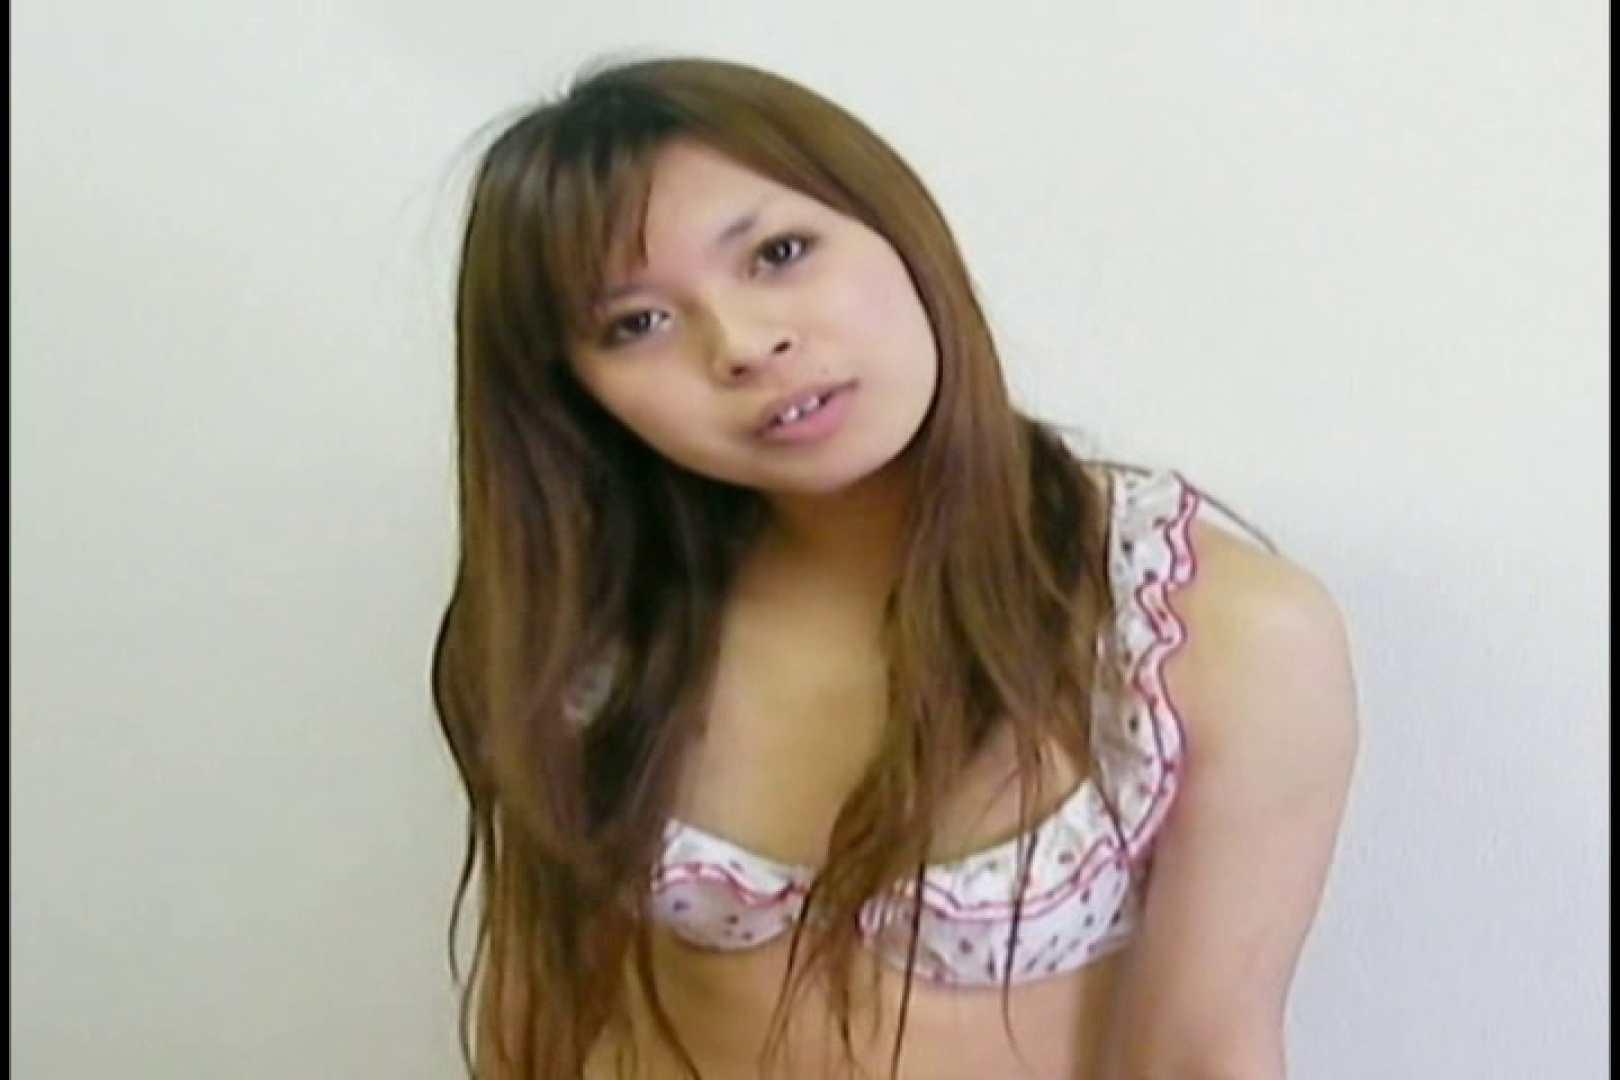 素人撮影 下着だけの撮影のはずが・・・ よしこ23歳 女子着替え | 素人  85pic 16